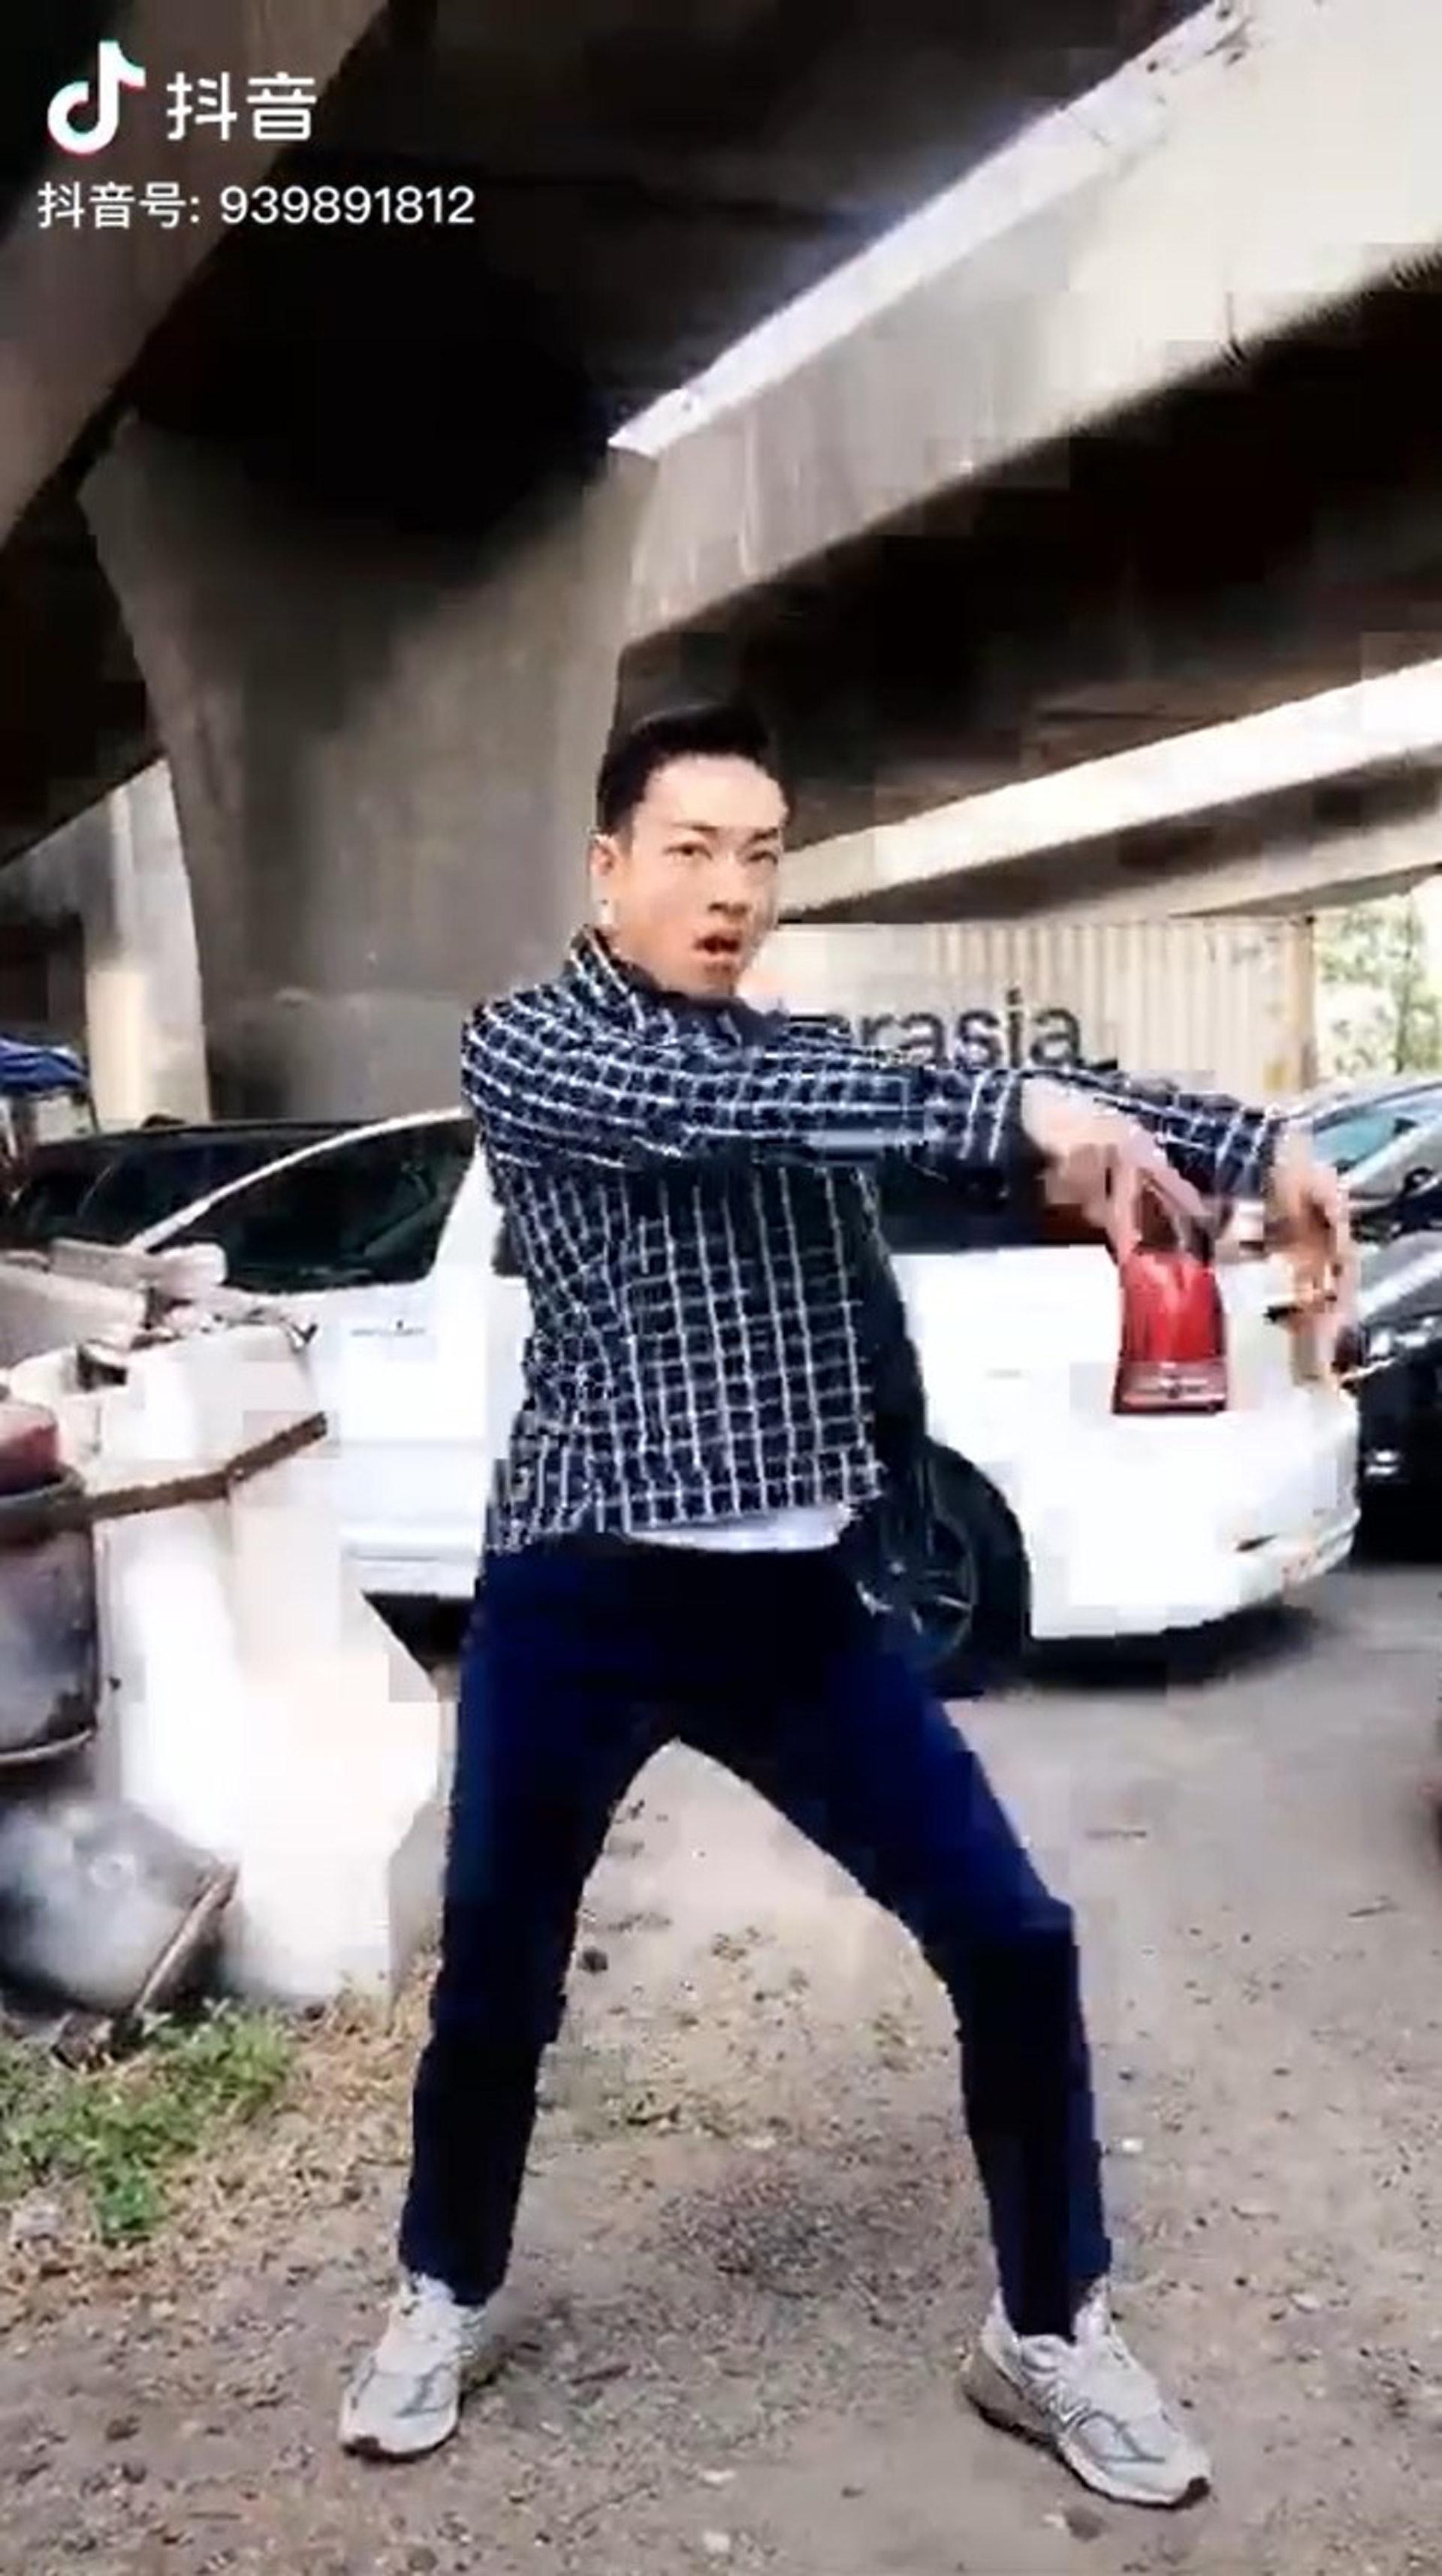 梁競徽在天橋底下的室外停車場突然興致大發,拍片大跳「抖音舞」。(梁競徽抖音)